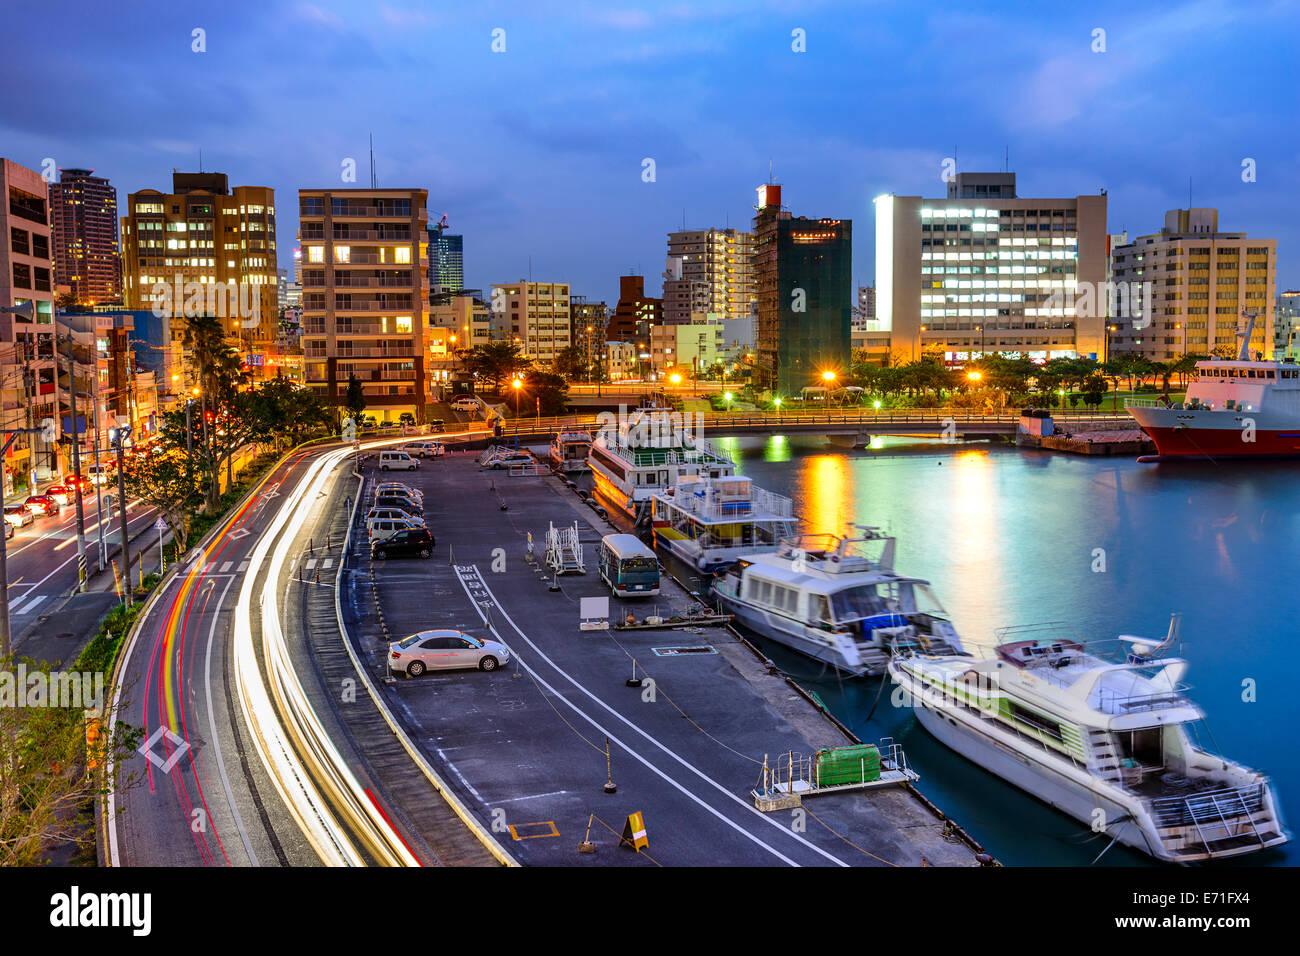 Naha, Okinawa, Japan cityscape at the bay. - Stock Image